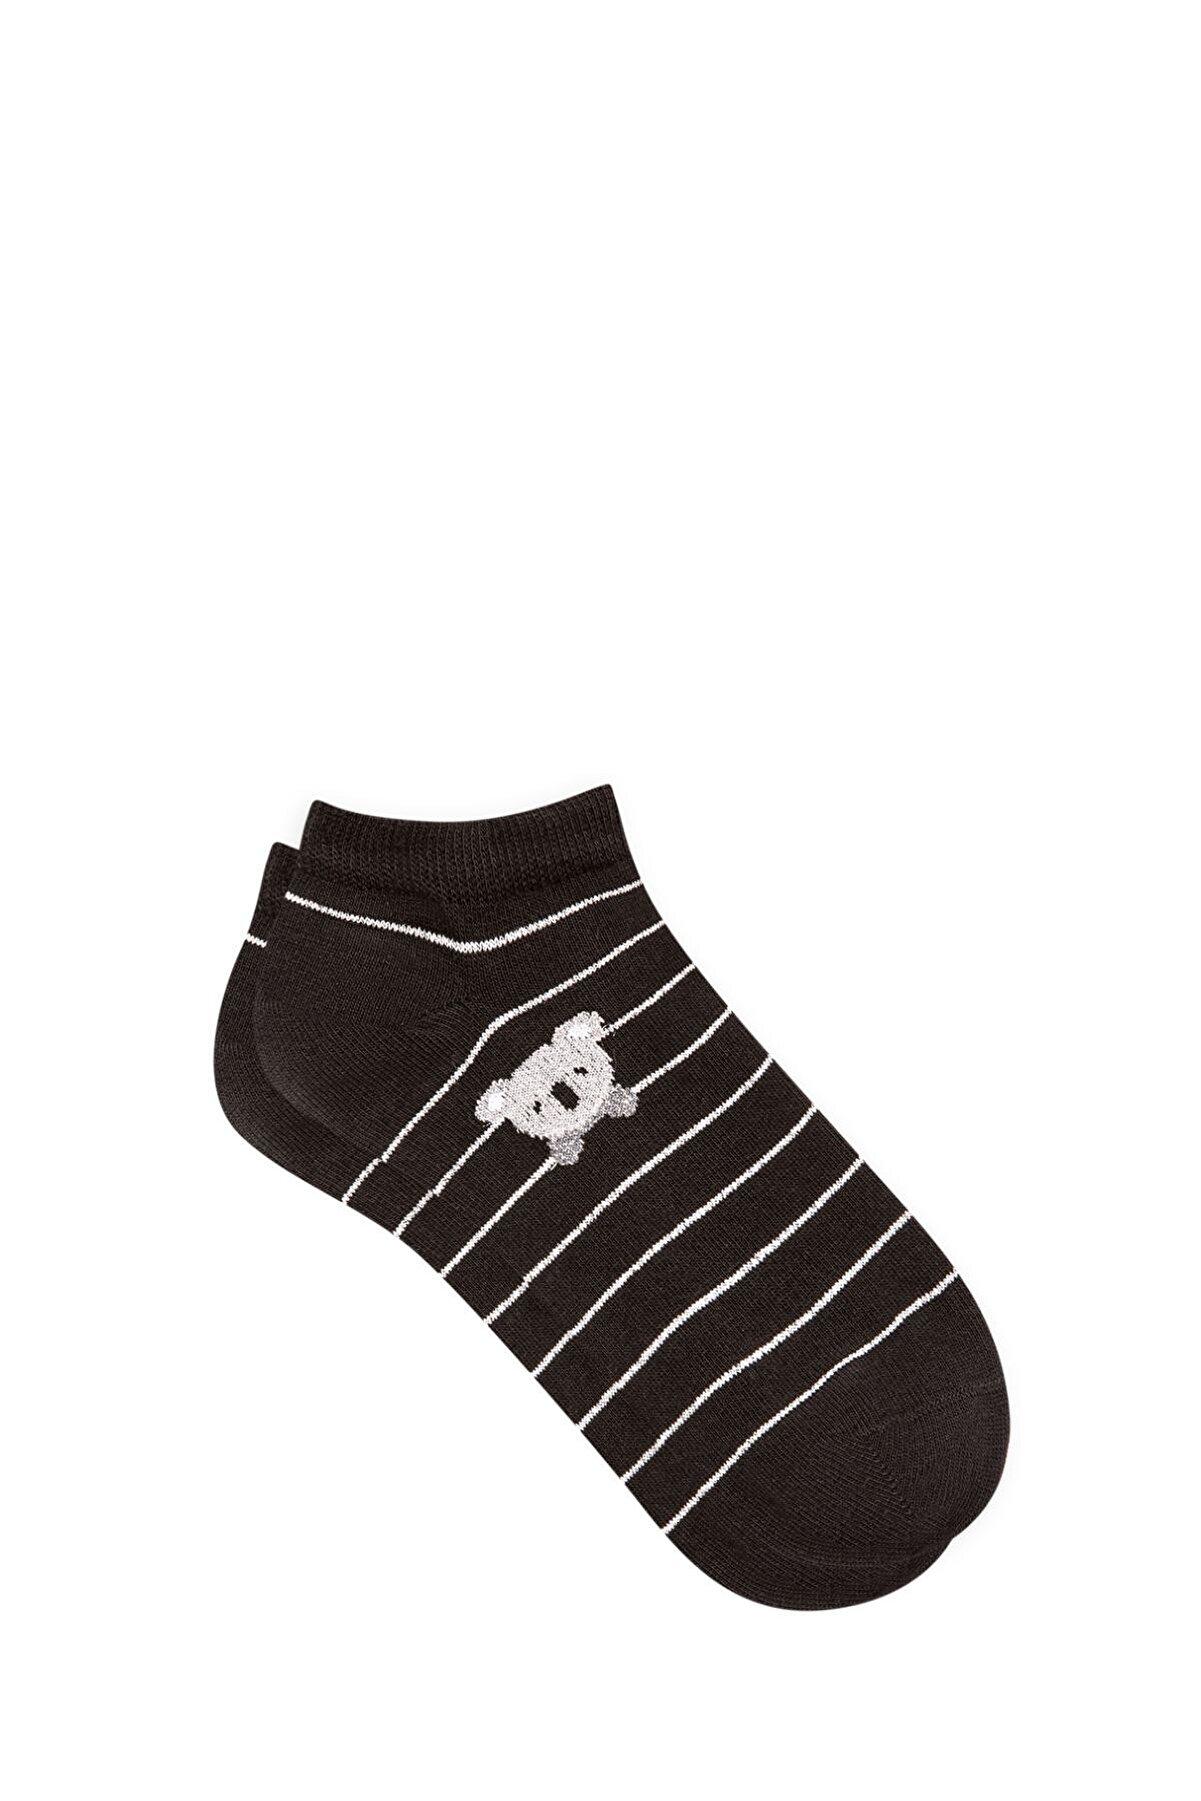 Mavi Koala Işlemeli Siyah Patik Çorap 197978-900